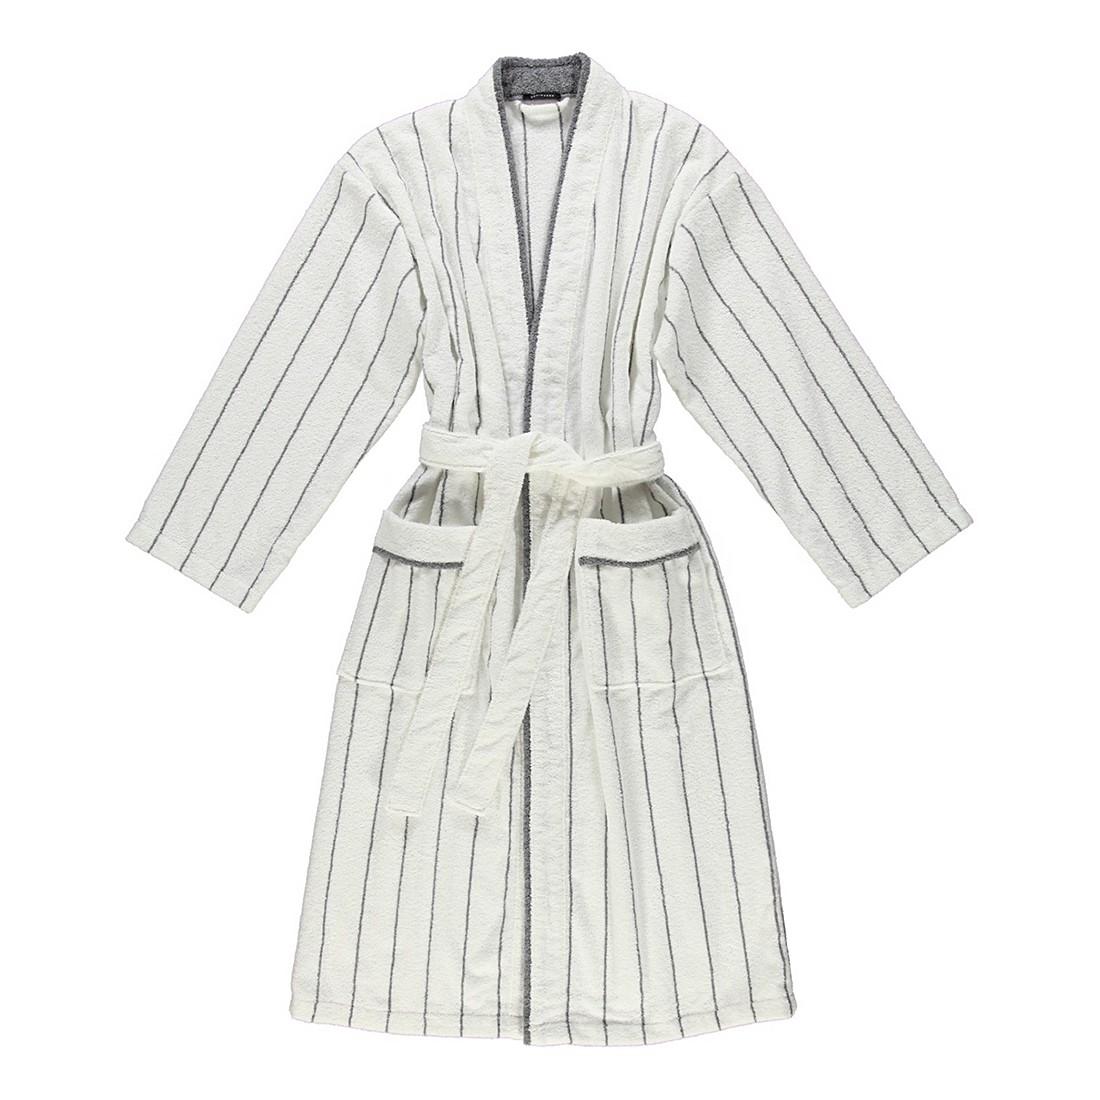 Bademantel Basic – Herren – FRottier – 100% Baumwolle Weiß – 100 – Größe: XL, Schiesser günstig online kaufen